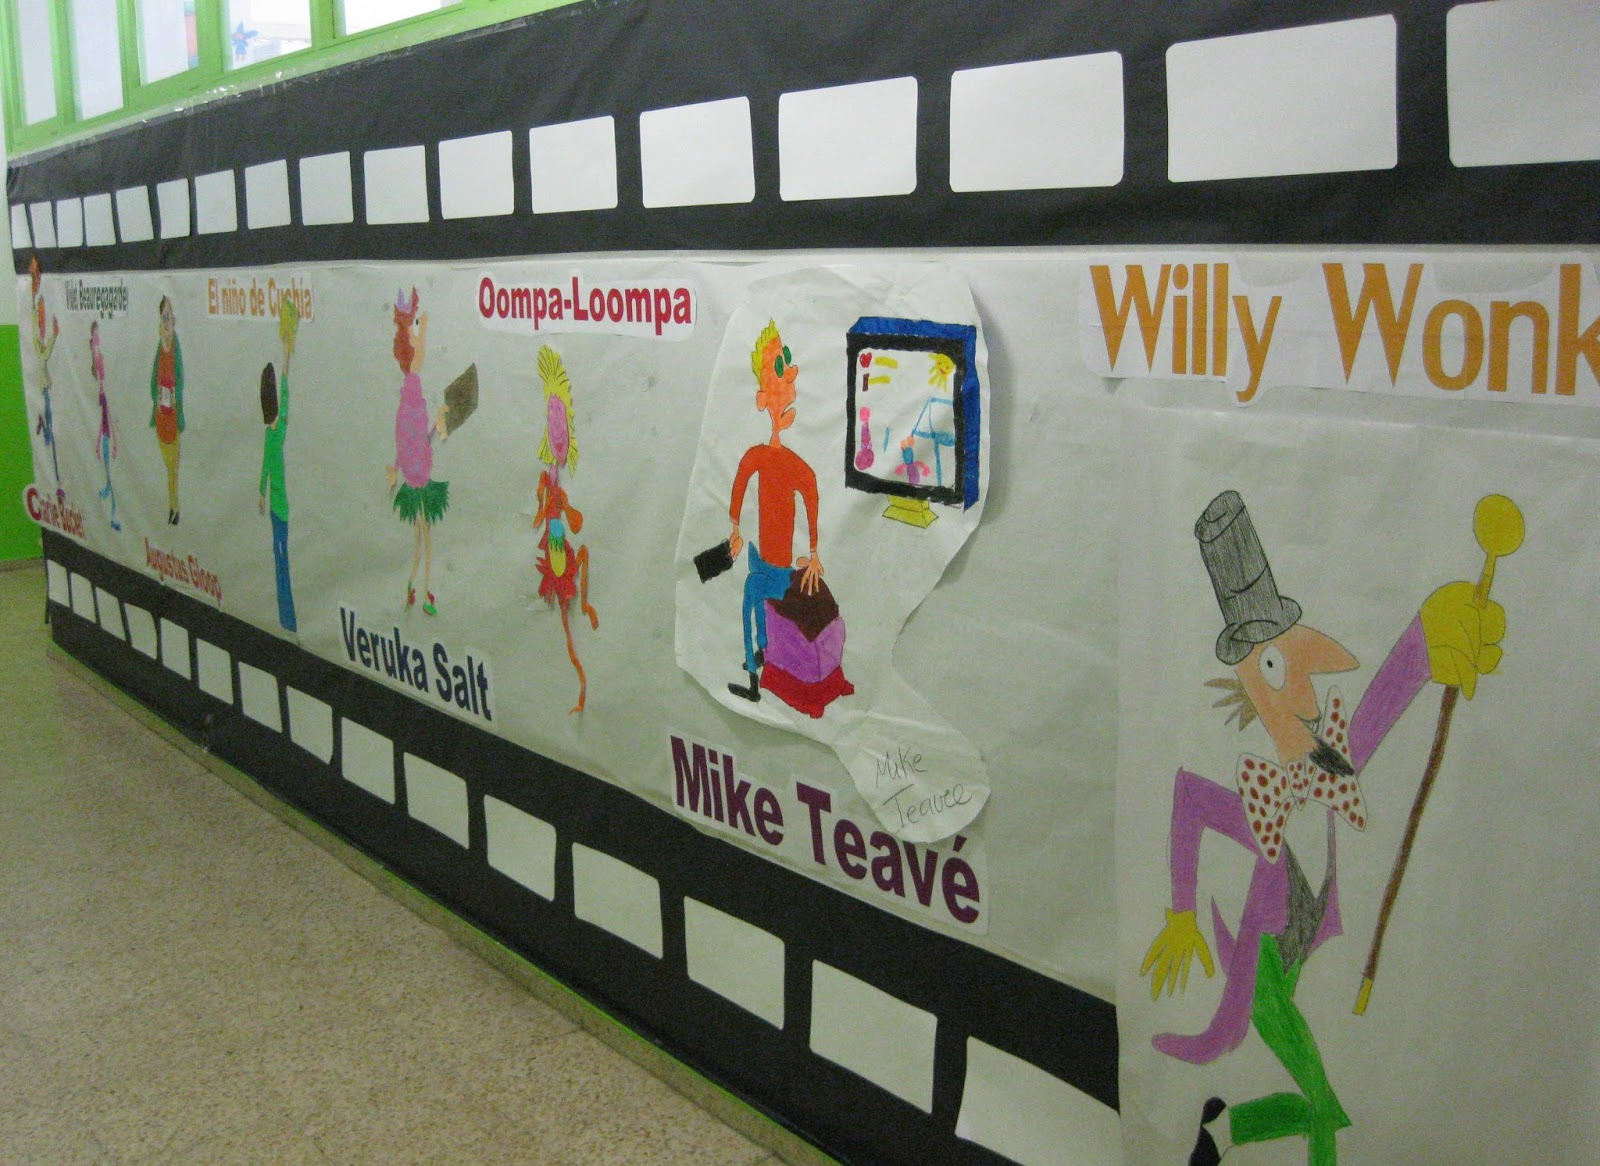 El rinc n de primero jornada de biblioteca for Puerta willy wonka